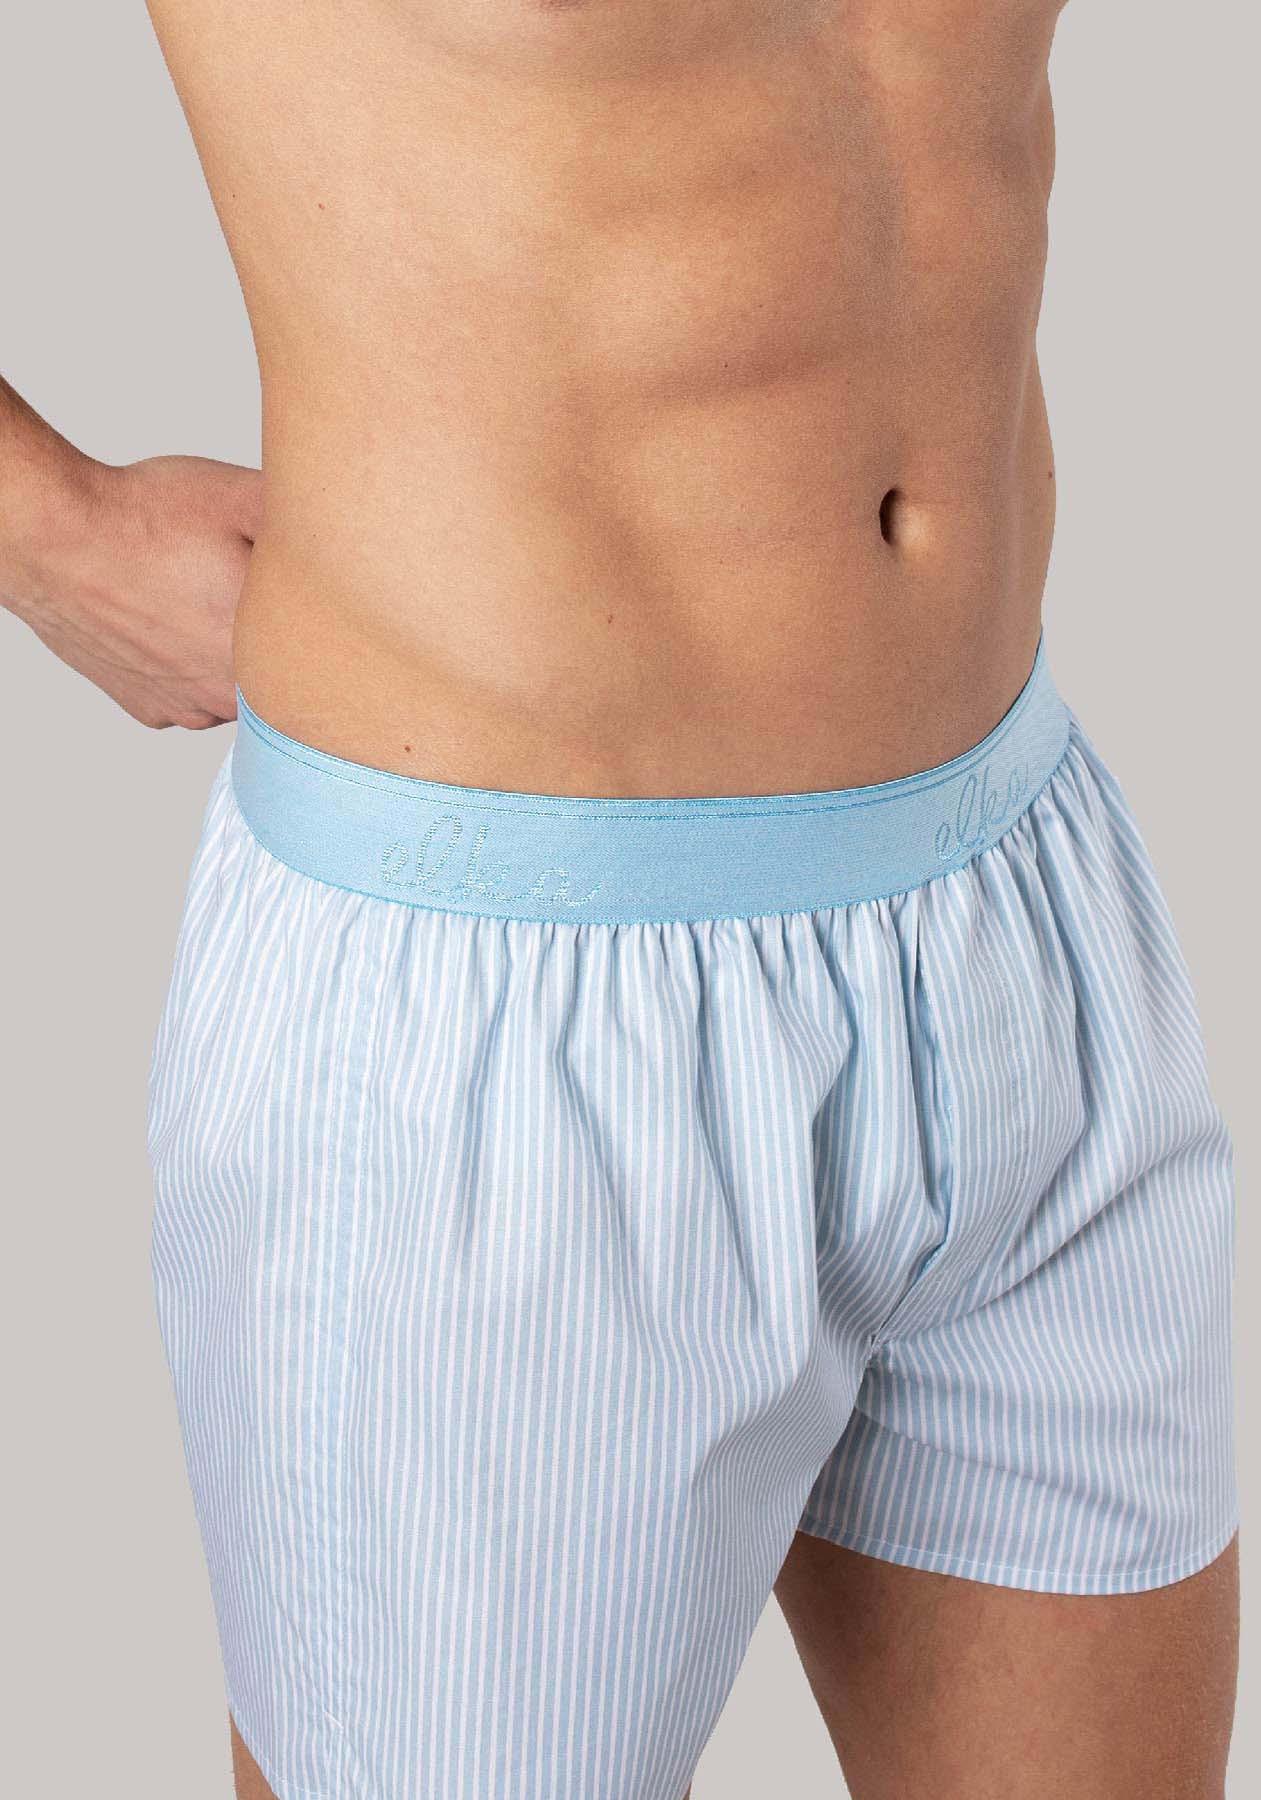 Men-boxershorts-ELKA-Lounge-M00596